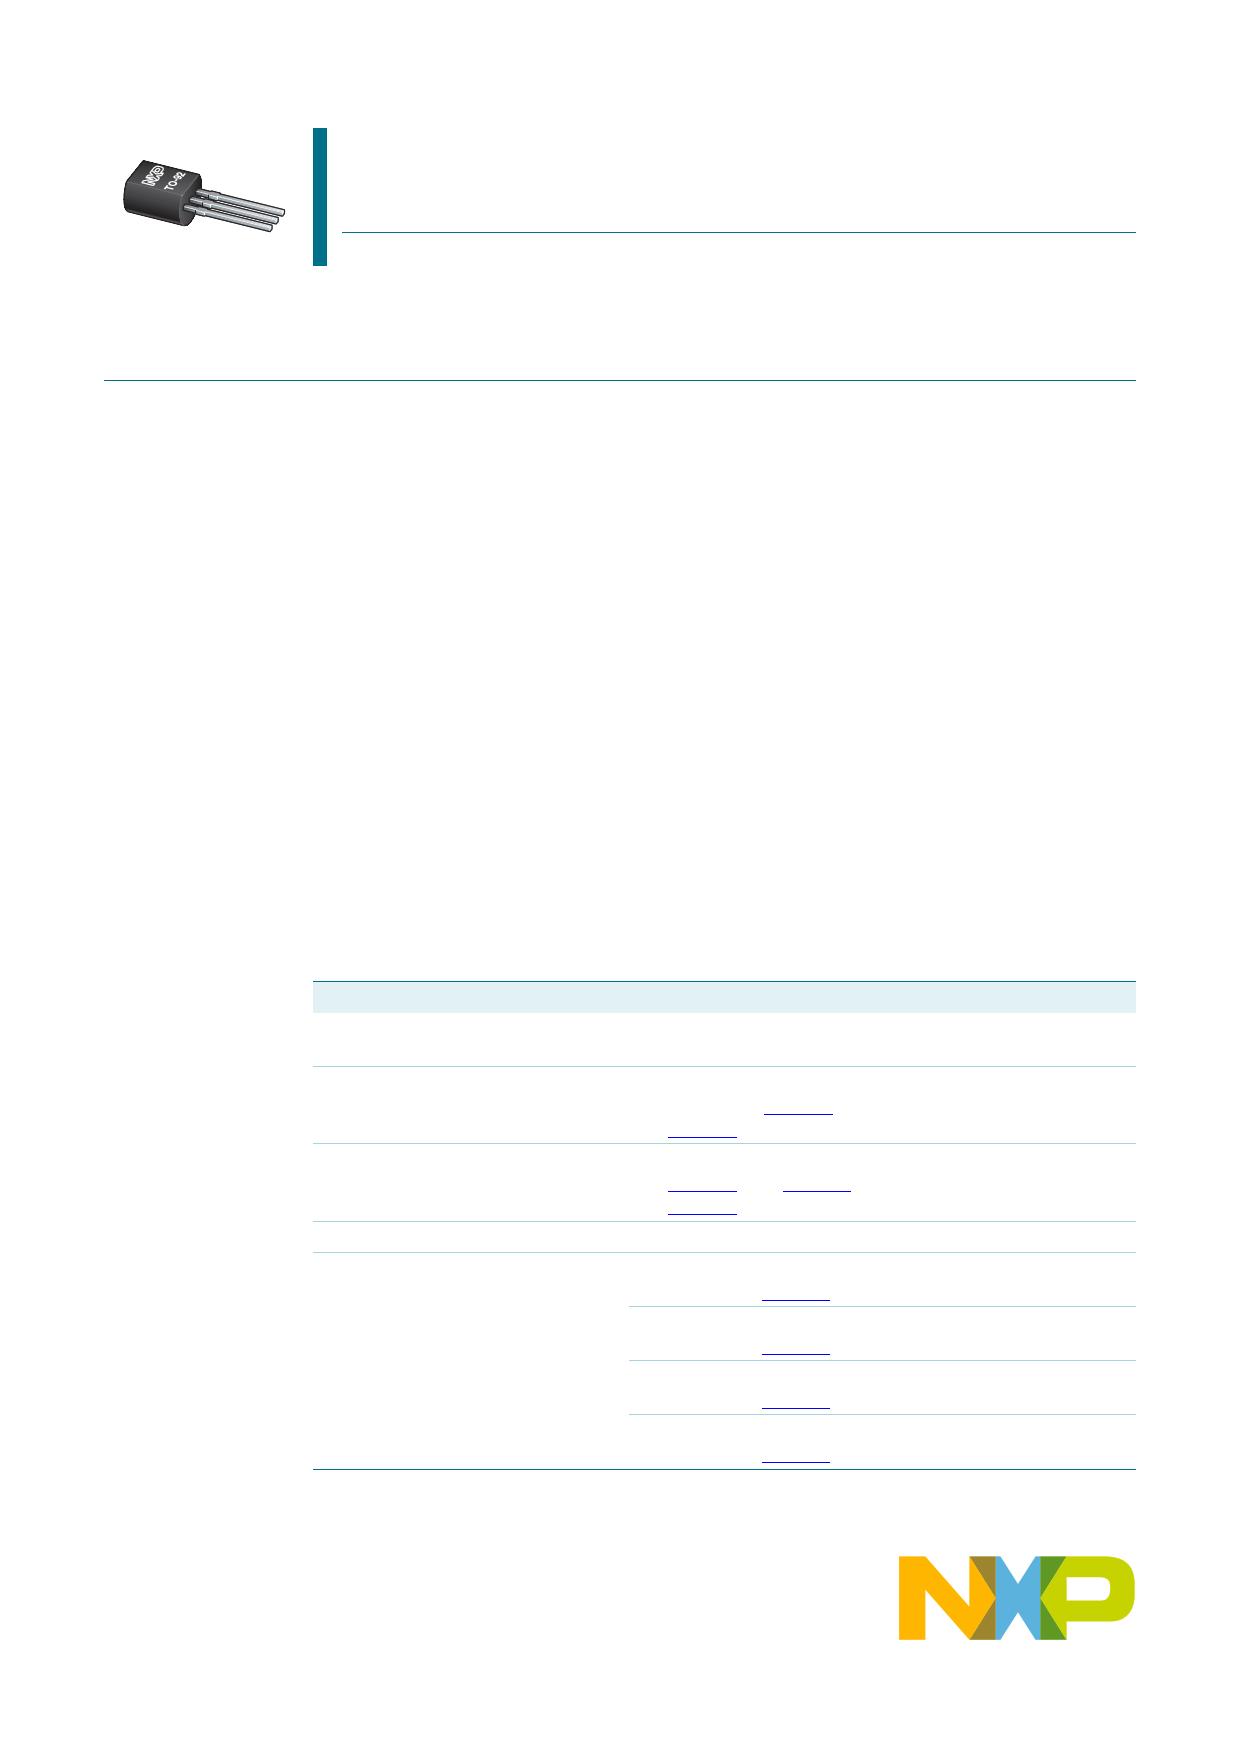 Z0103MA0 datasheet